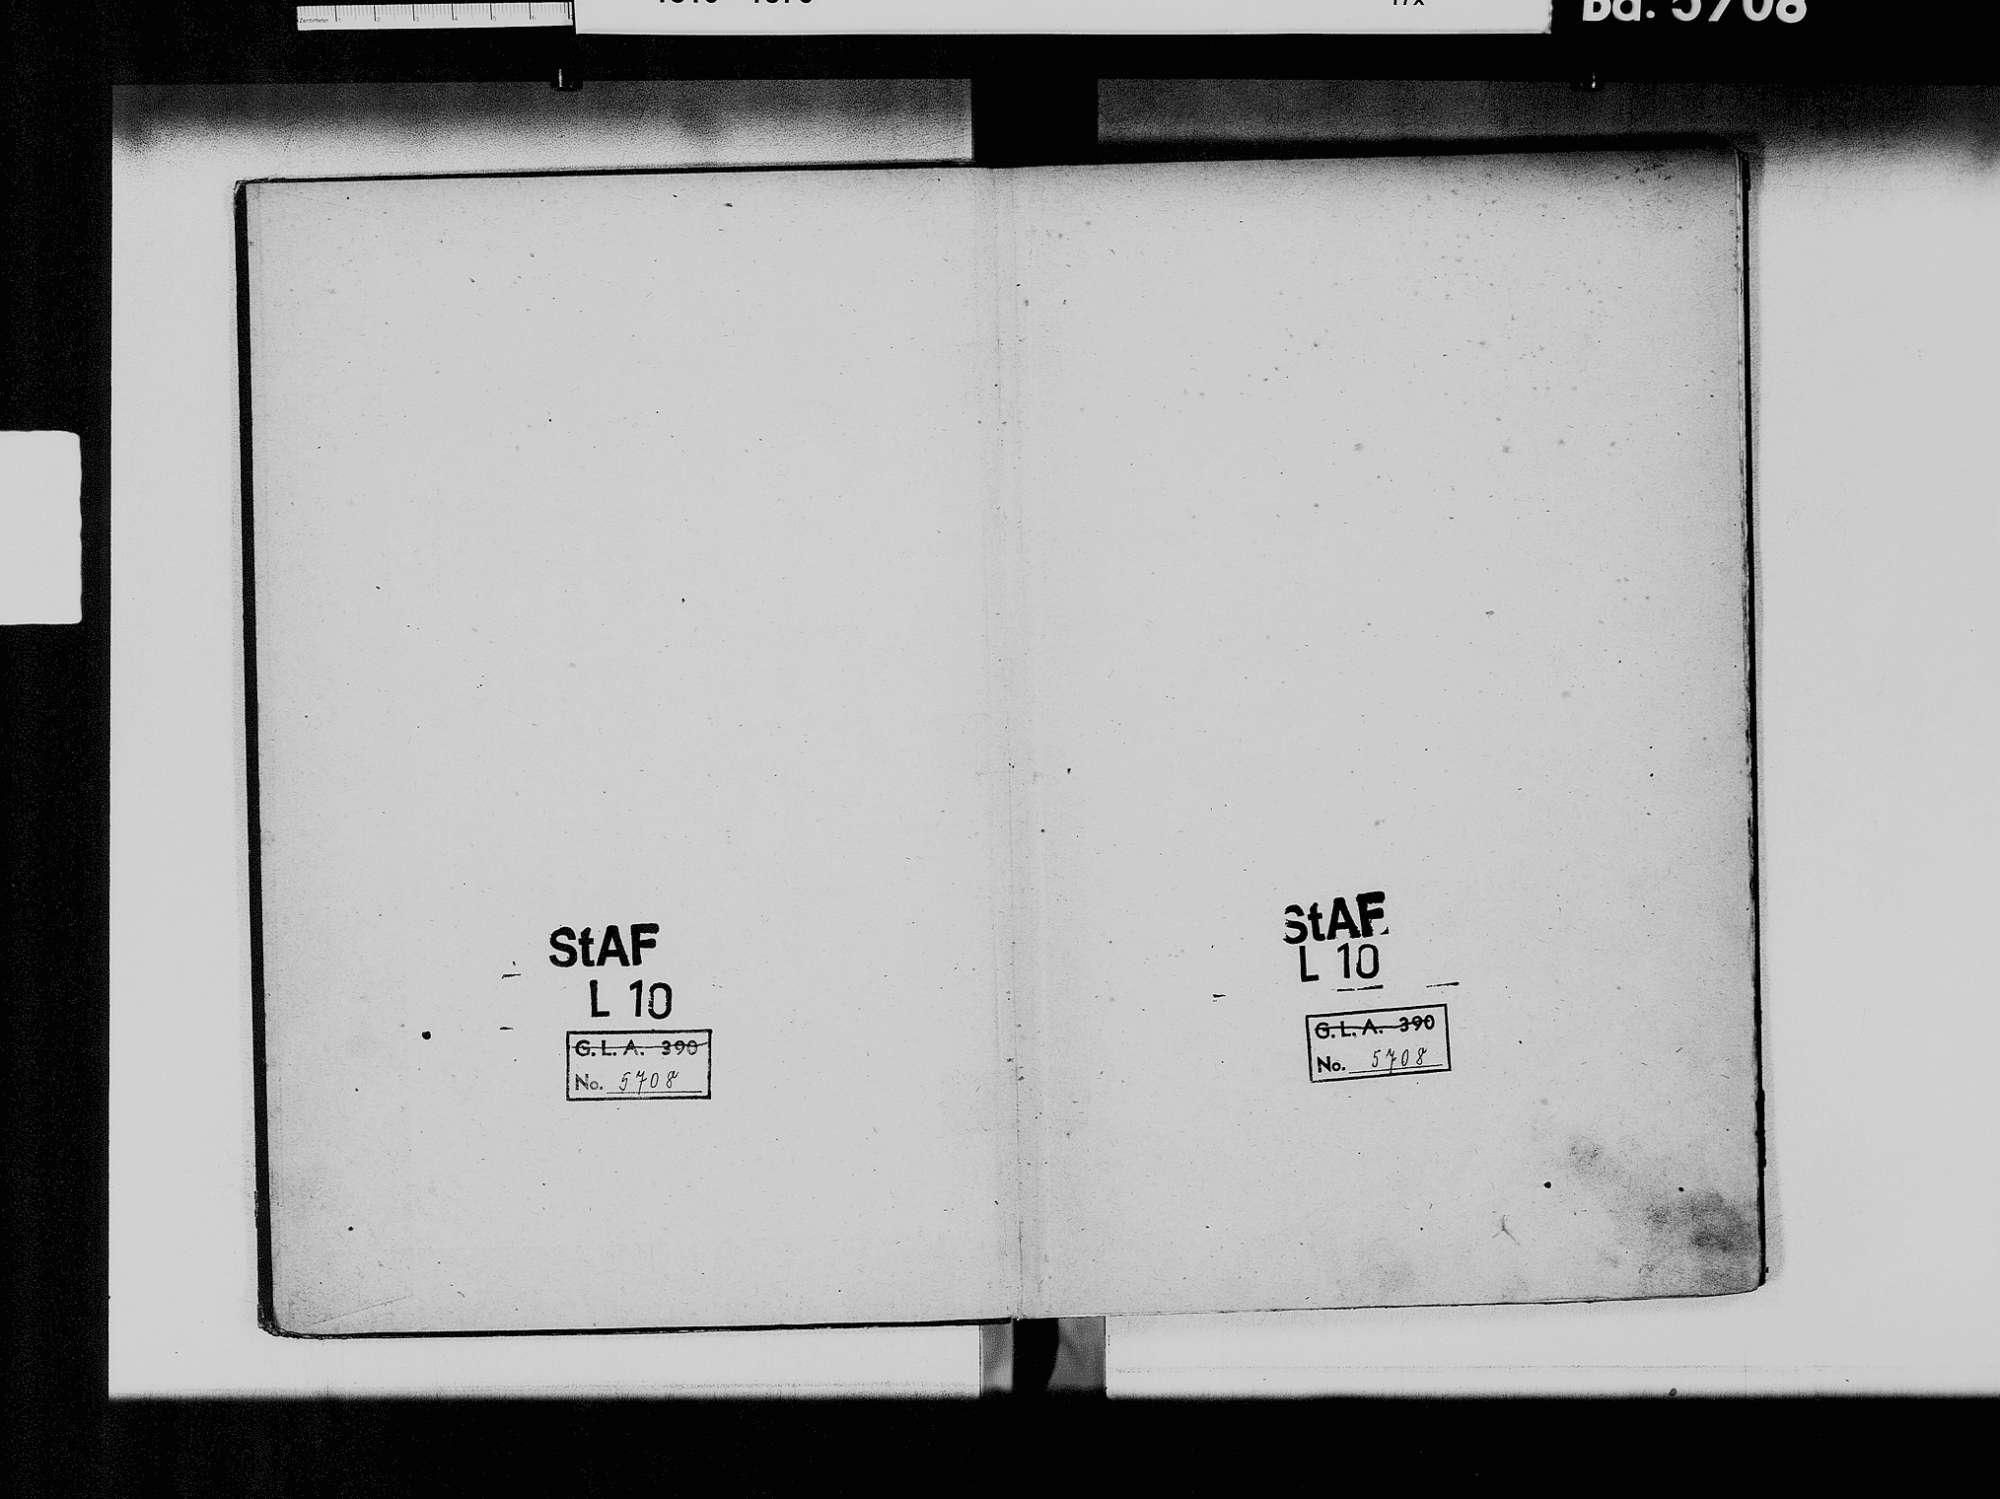 Geißlingen, Klettgau WT; Katholische Gemeinde: Geburtenbuch 1867-1869 Geißlingen, Klettgau WT; Katholische Gemeinde: Heiratsbuch 1867-1869 Geißlingen, Klettgau WT; Katholische Gemeinde: Sterbebuch 1867-1869, Bild 3